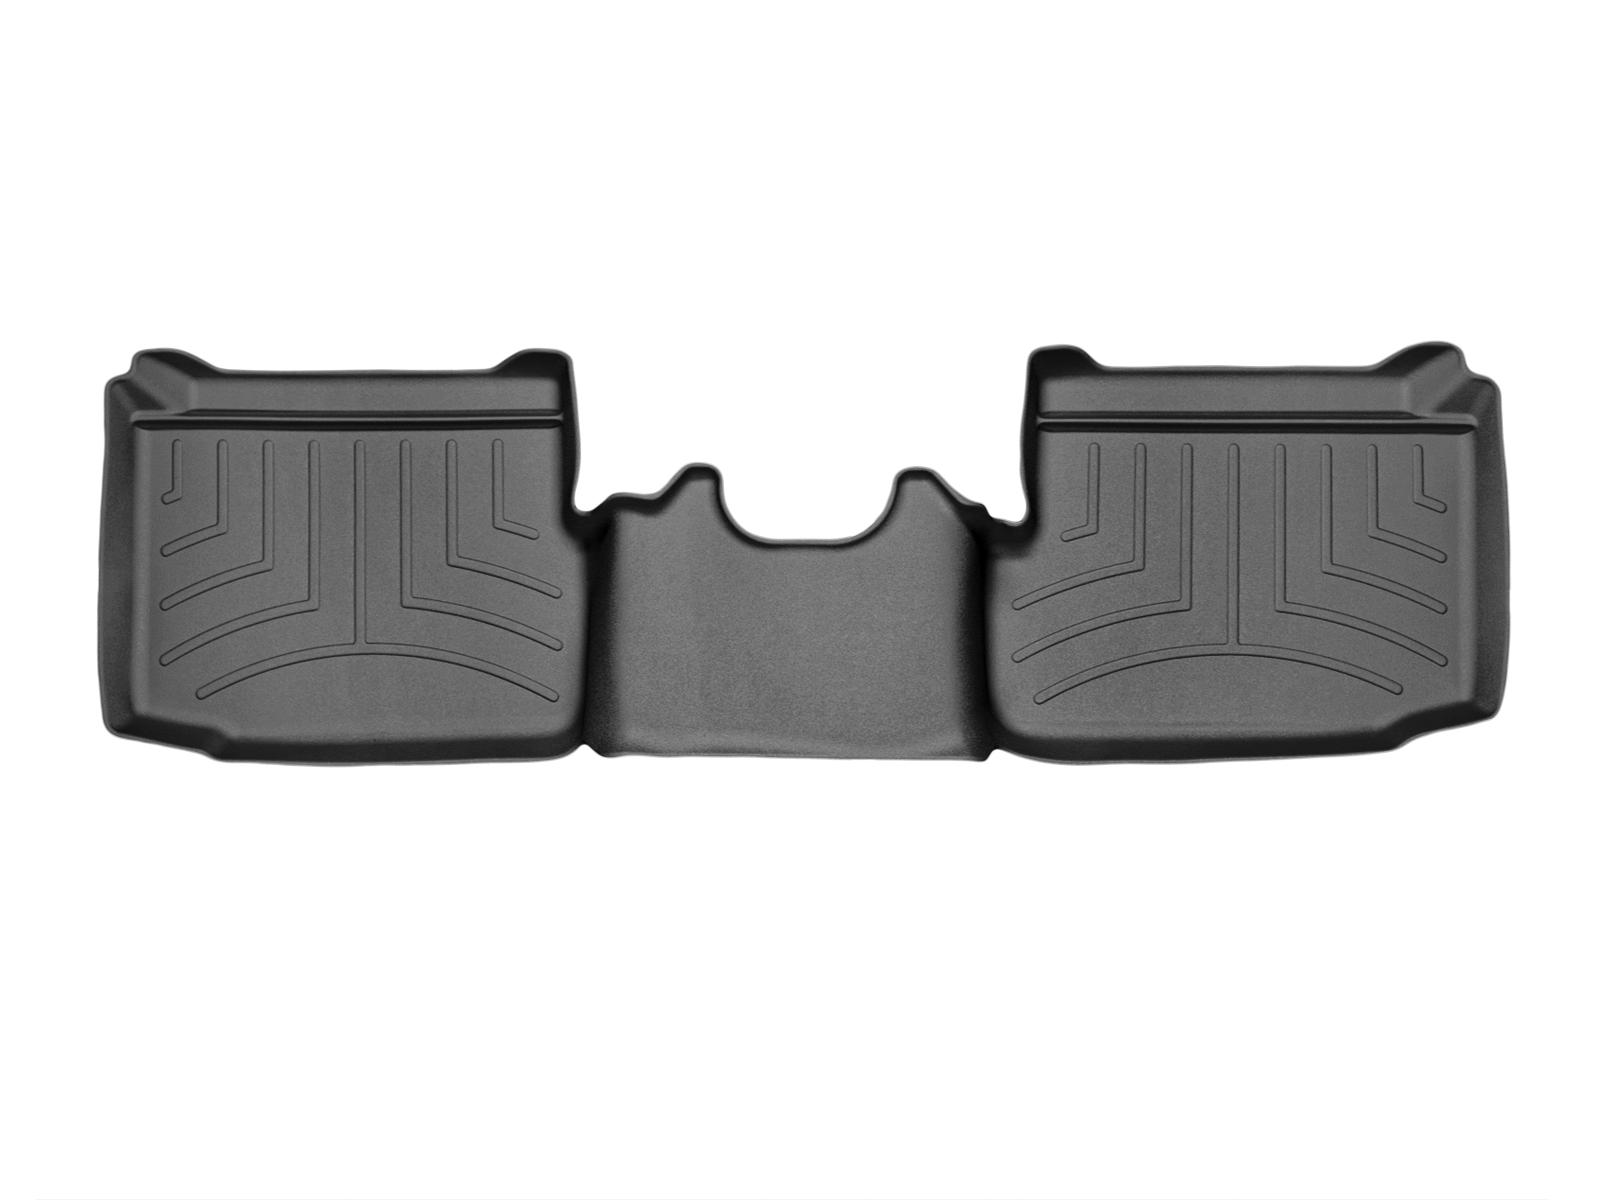 Tappeti gomma su misura bordo alto Fiat Punto 12>17 Nero A829*